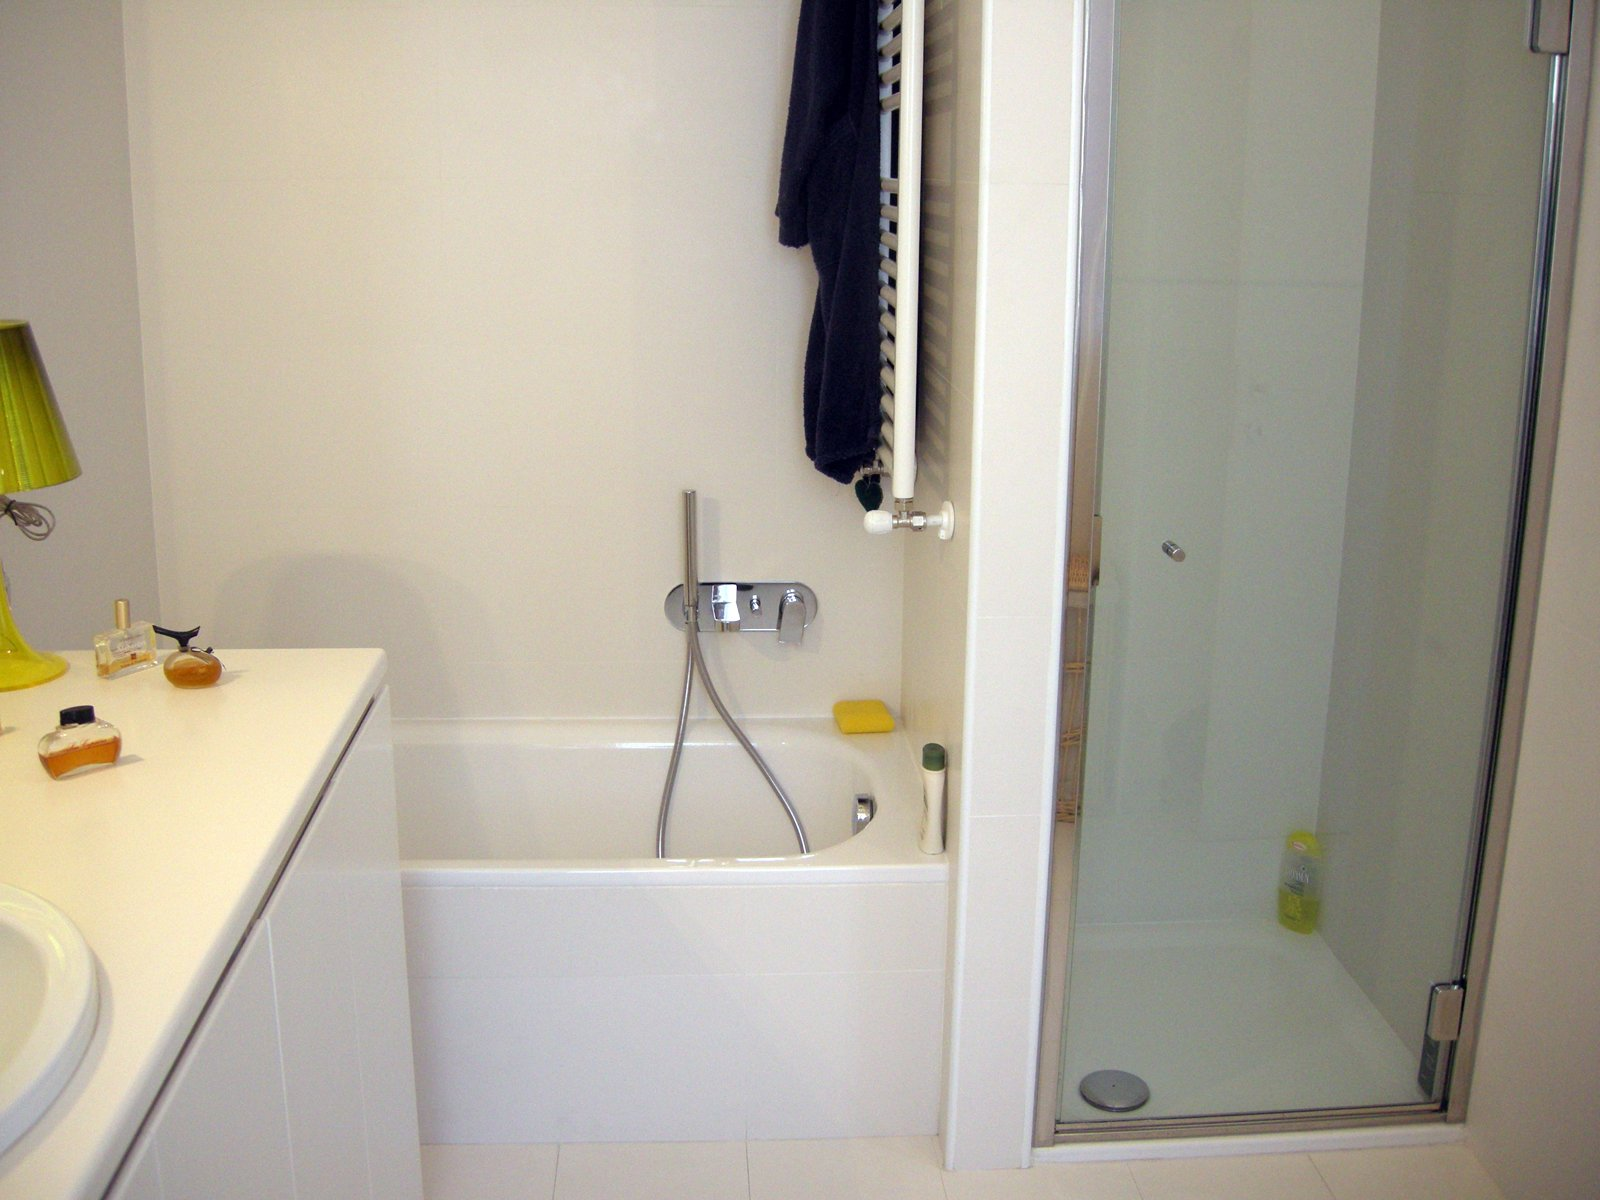 Ristrutturare il bagno 10 informazioni utili cose di casa - Completi da bagno ...